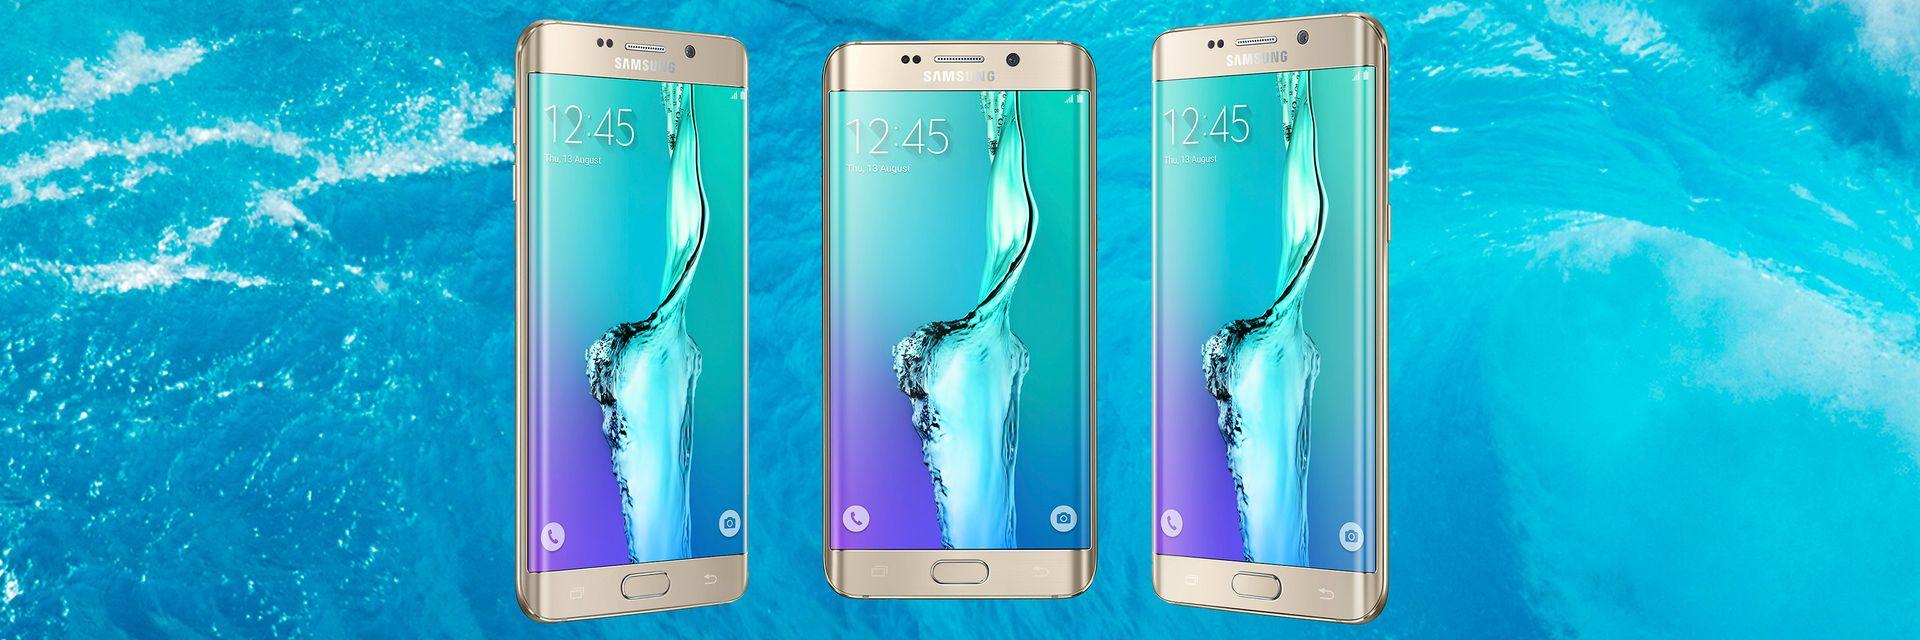 ANNONSE: Dette bør du vite før du kjøper Samsung Galaxy S6 Edge+